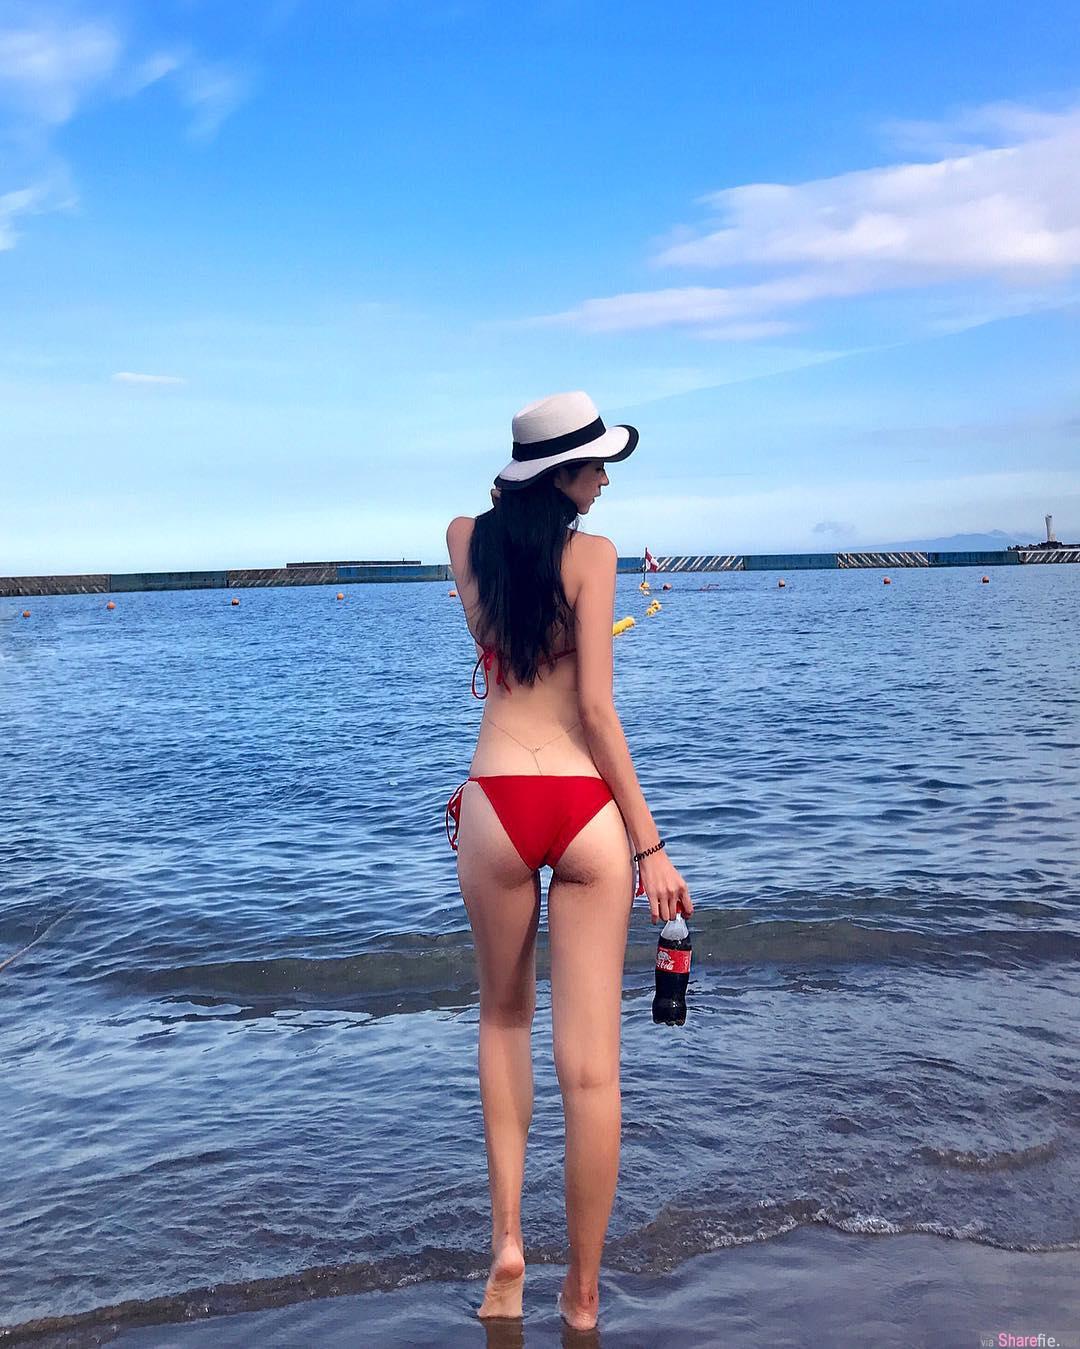 正妹品妍到日本海边玩水,跪在海滩释放健康最美体态